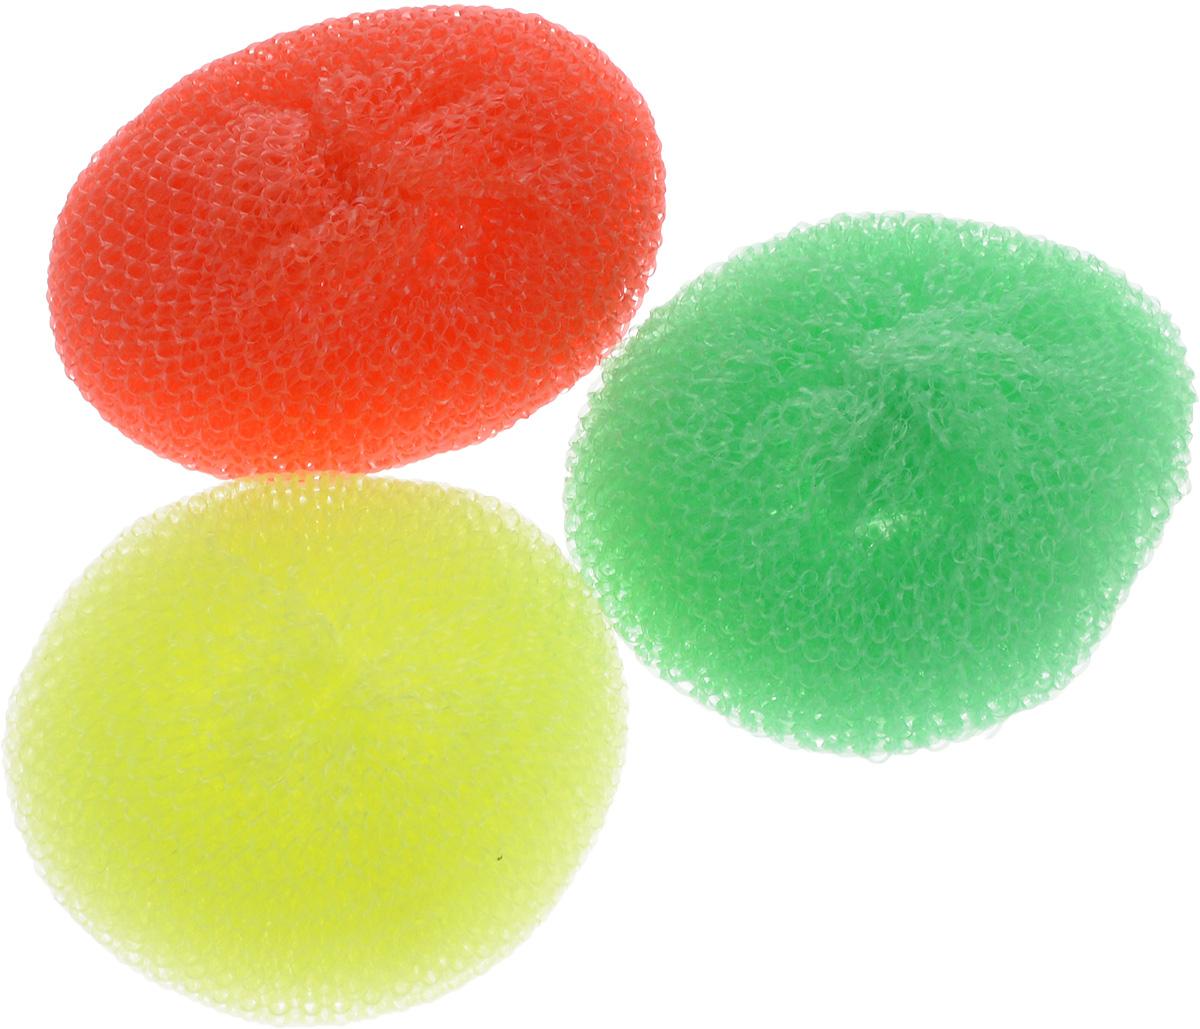 Губка для мытья посуды Фозет Ассорти, цвет: желтый, зеленый, красный, 3 шт2401007_желтый, зеленый, красныйКомплект губок Фозет Ассорти изготовлен из пластика и предназначен для очистки посуды и рабочих поверхностей от стойких загрязнений. Не повреждает поверхность. Изделия не царапают руки, хорошо промываются под струей воды. Размер губки: 8 х 8 х 2,5 см.